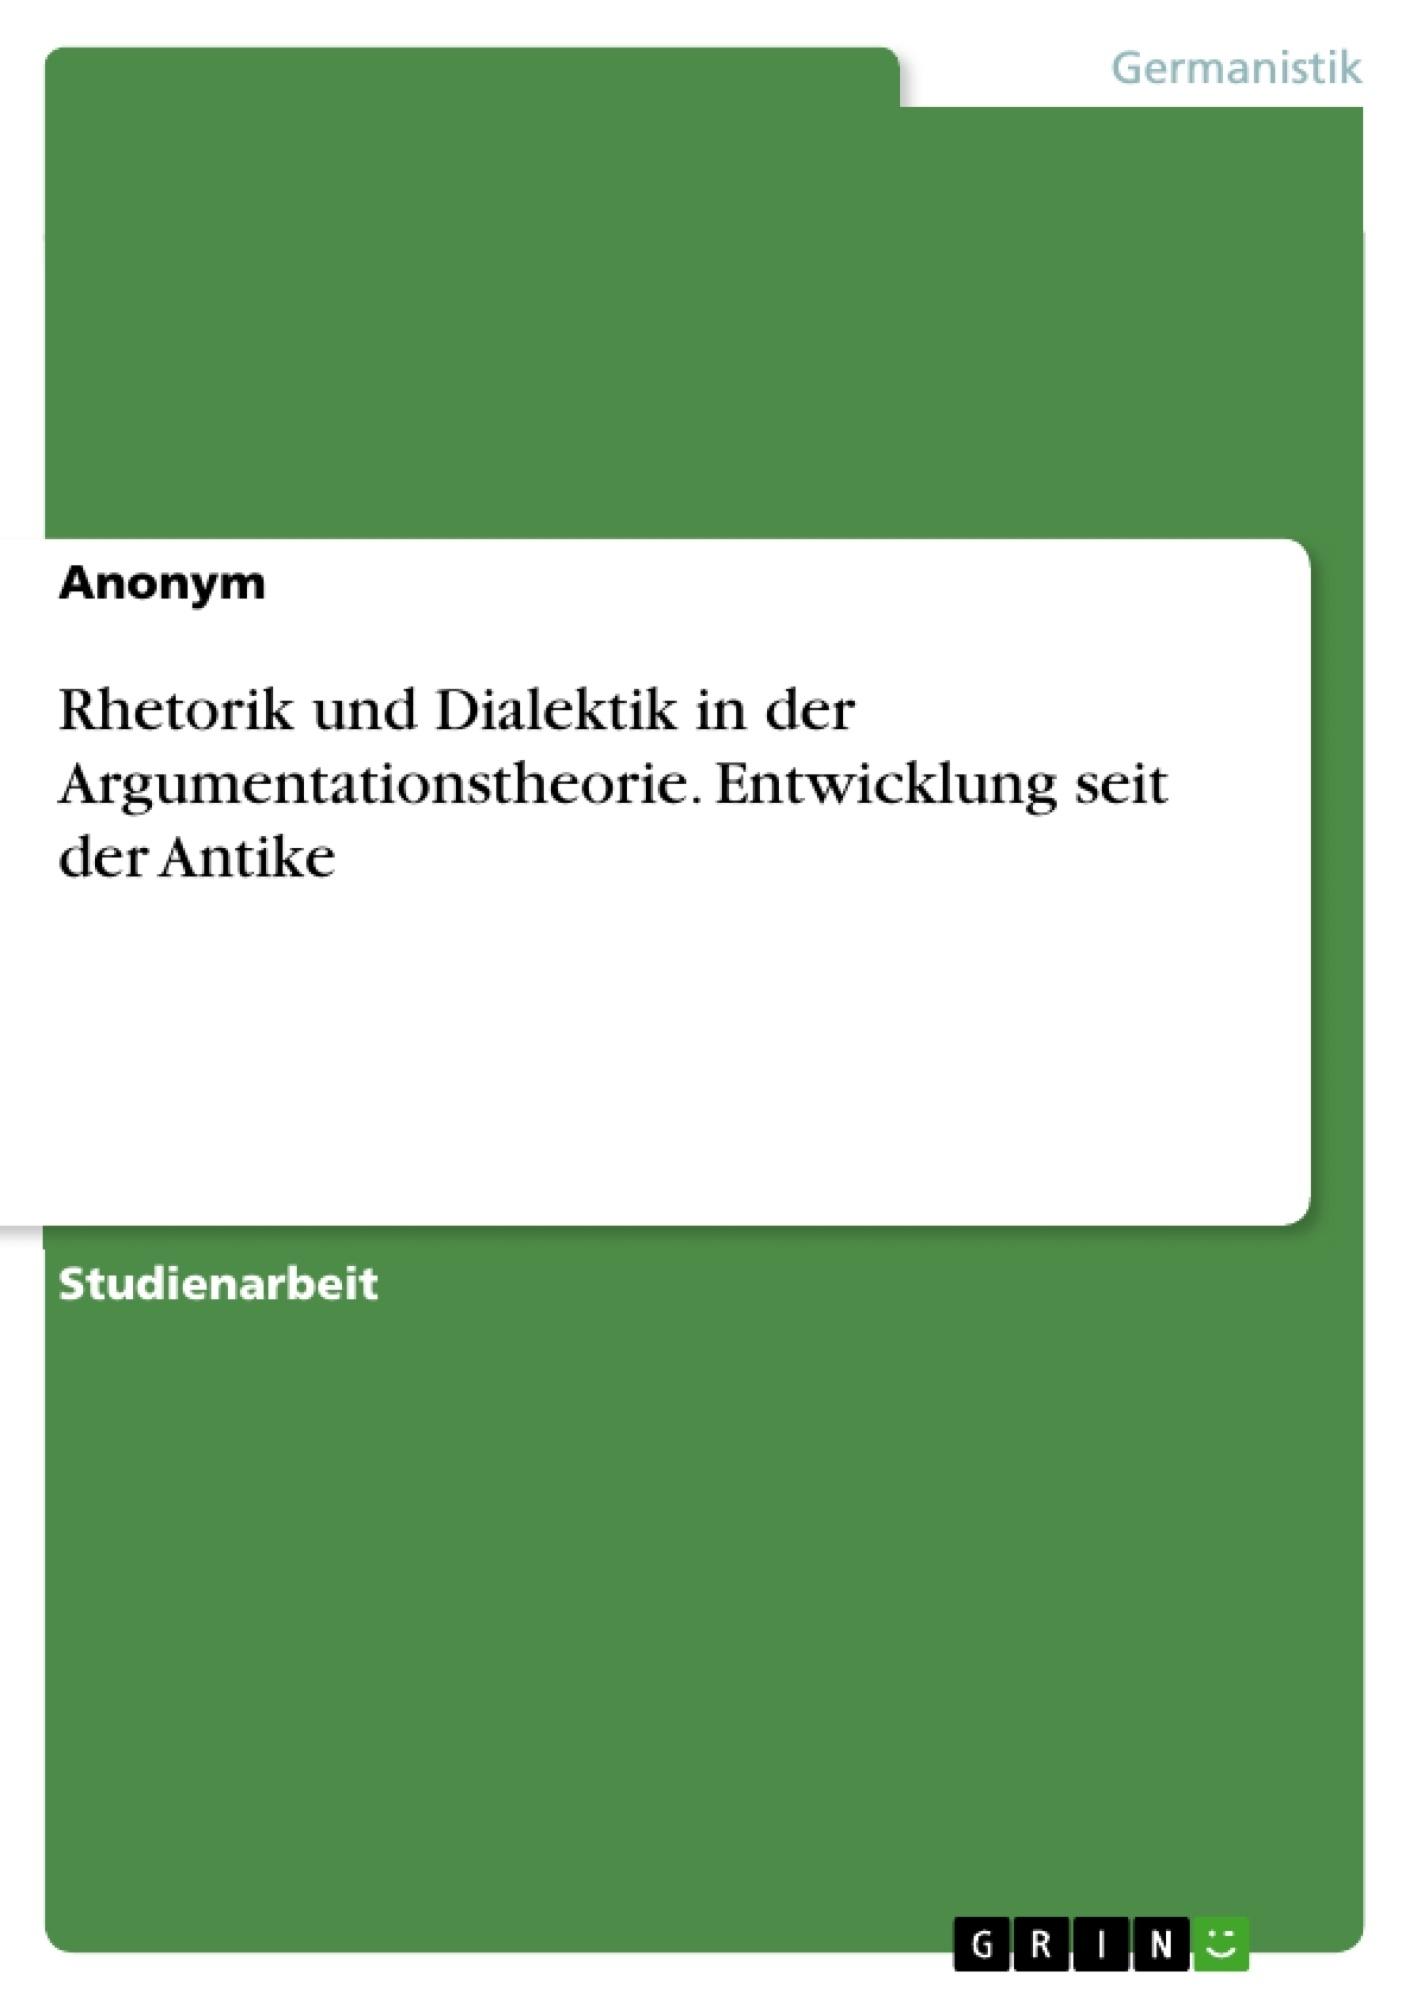 Titel: Rhetorik und Dialektik in der Argumentationstheorie. Entwicklung seit der Antike